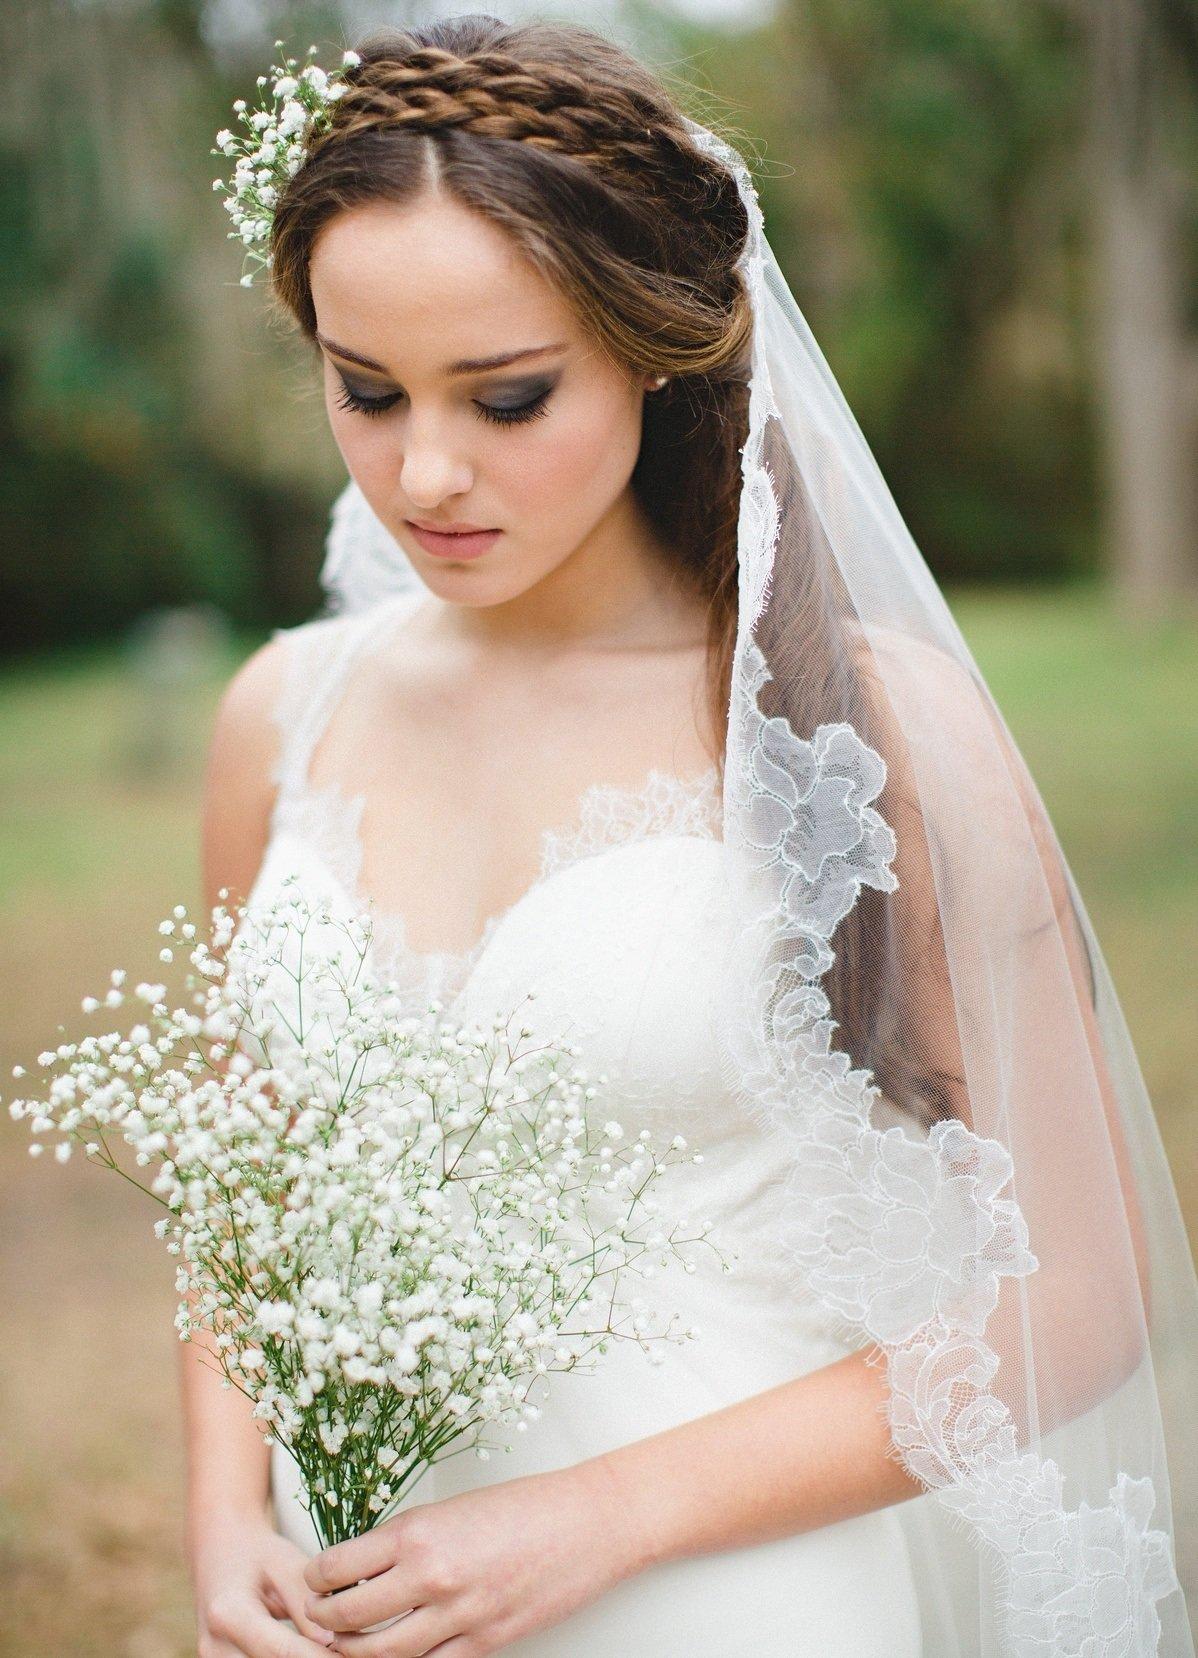 Прически на свадьбу для невесты с длинной фатой фото